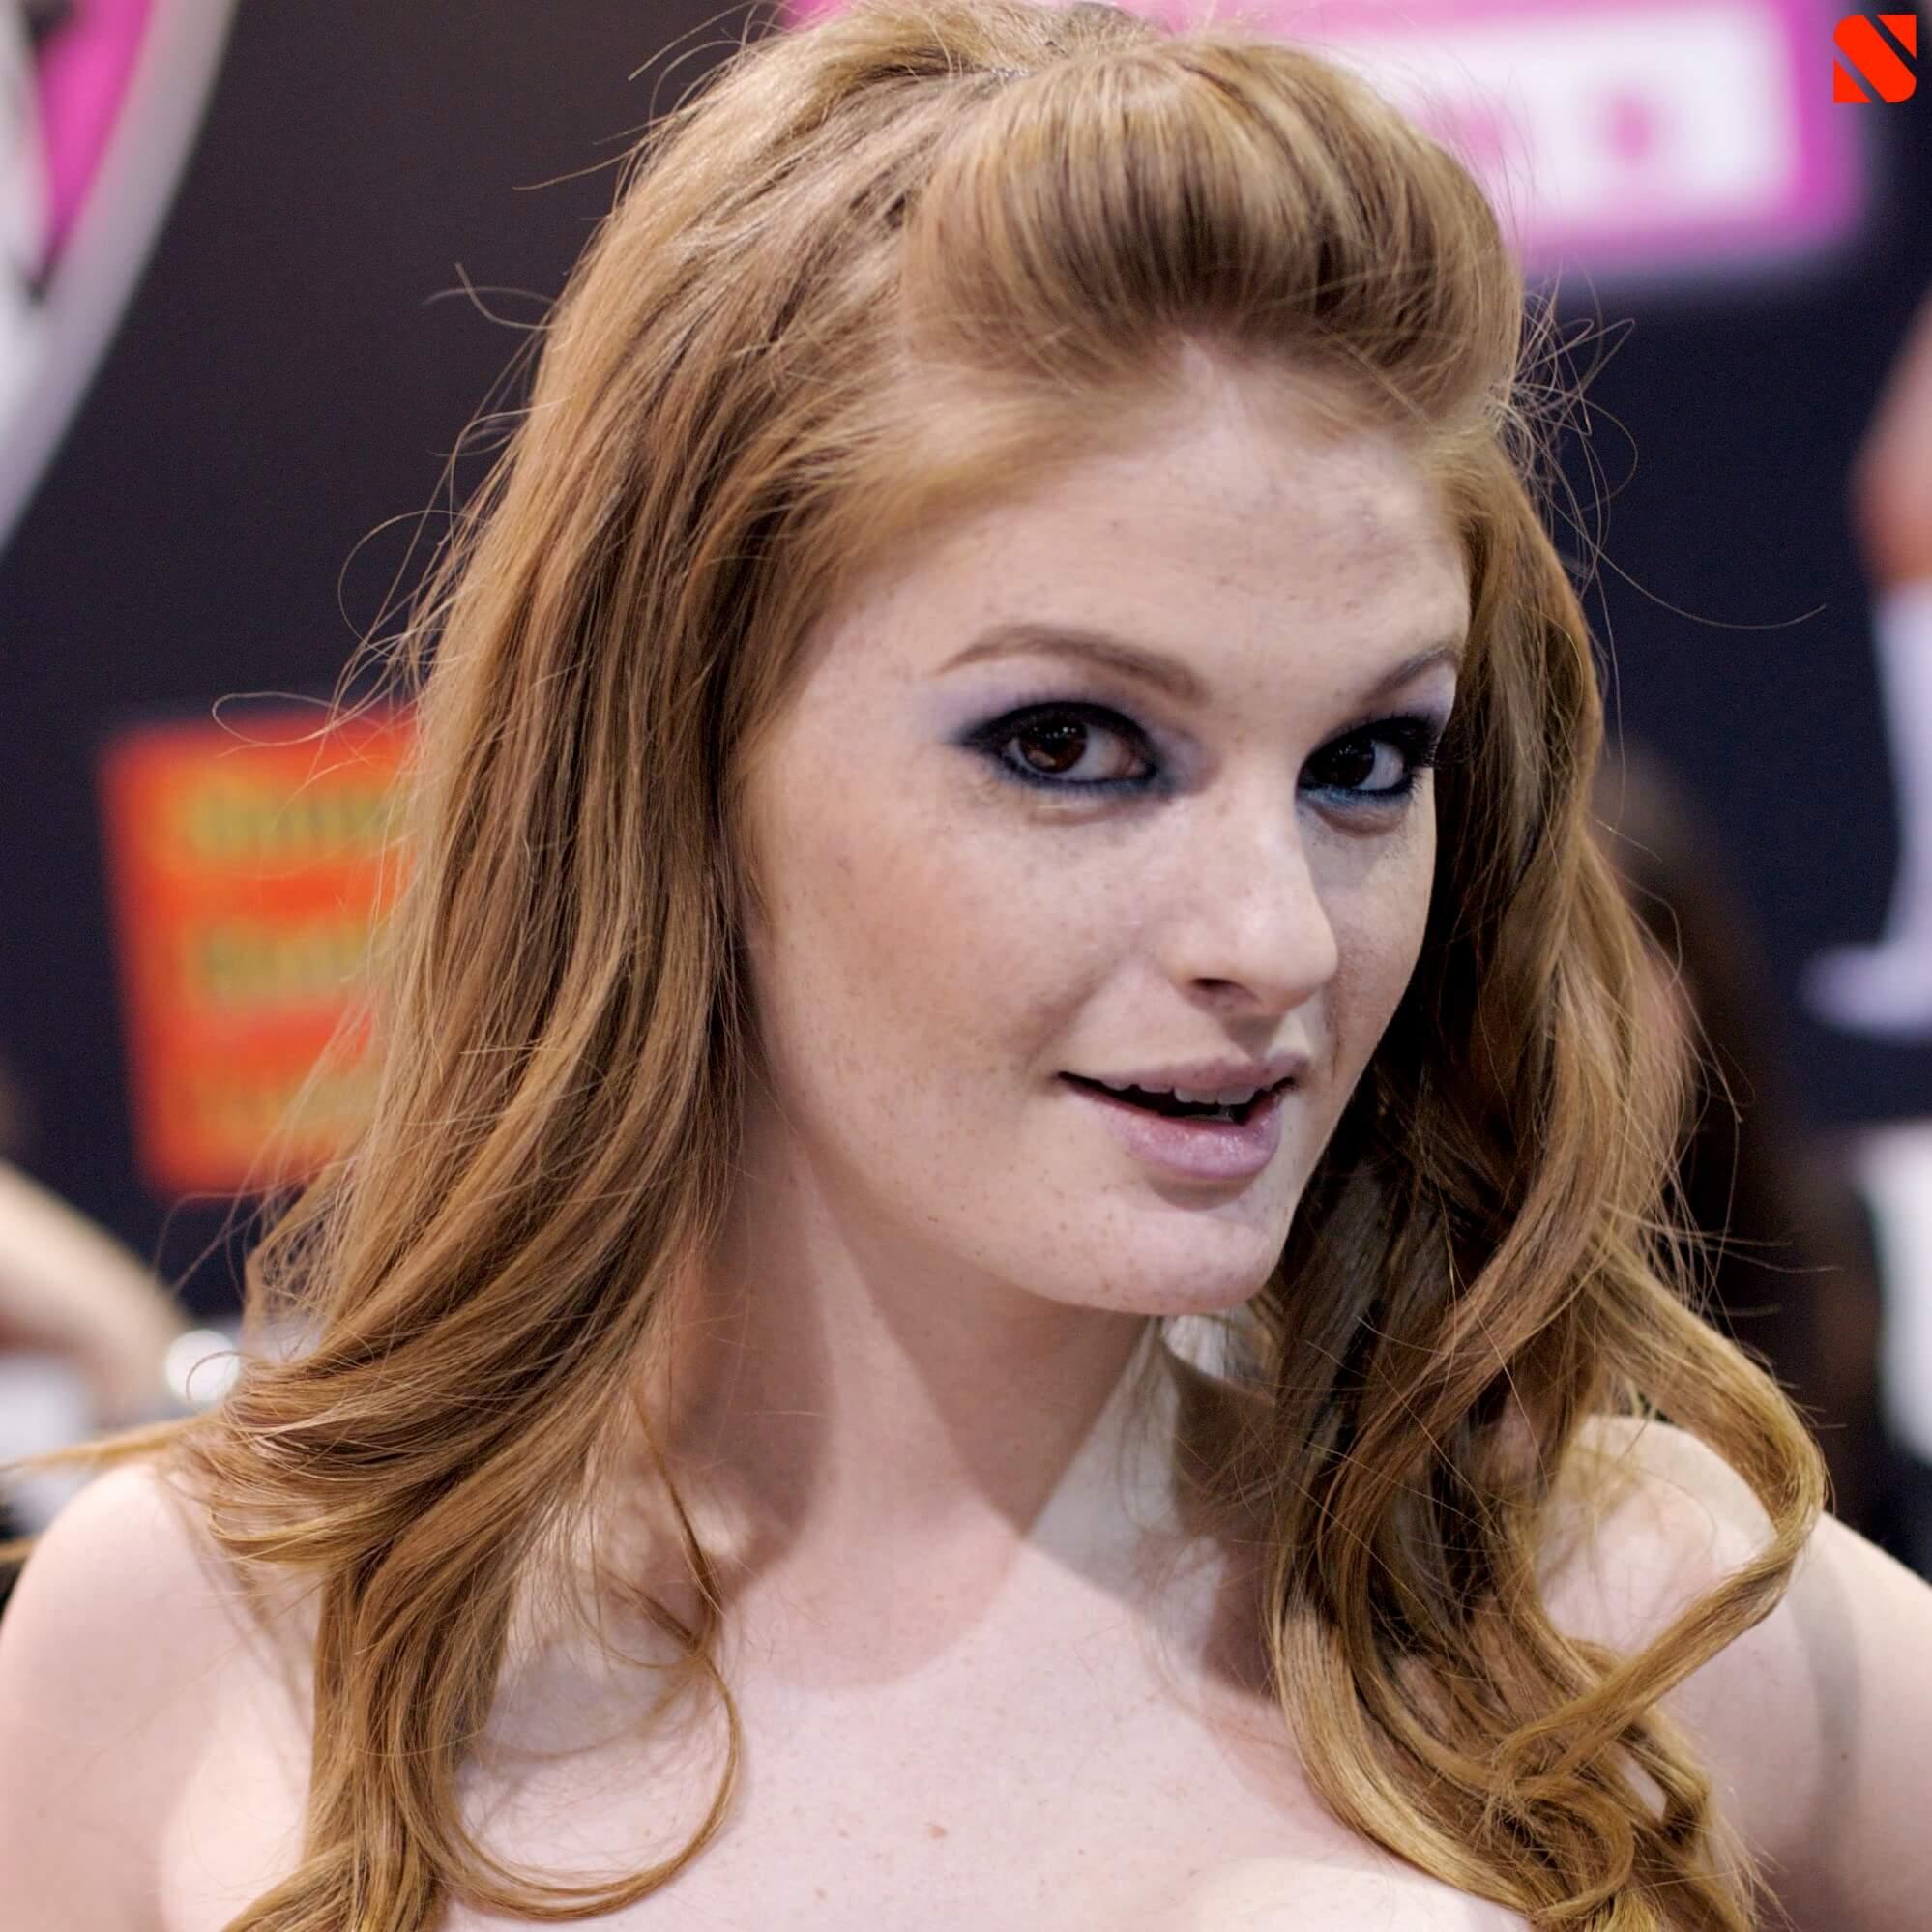 La mejor actriz porno